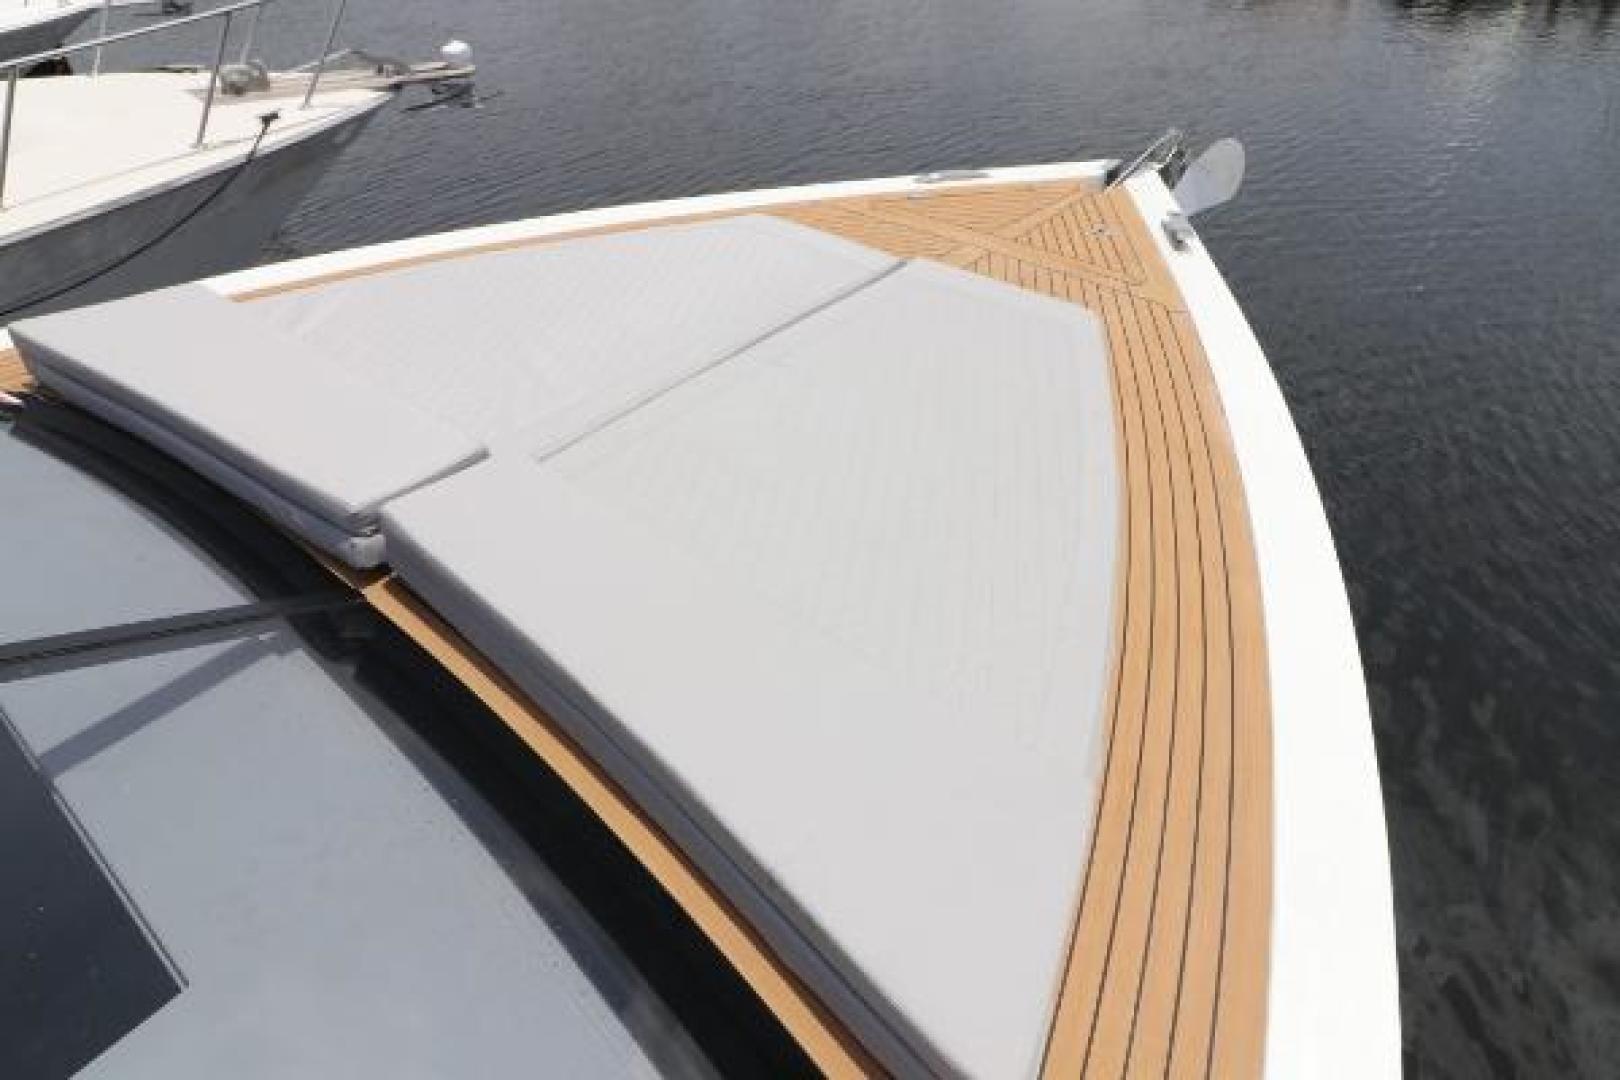 De Antonio-D46 Open 2020-De Antonio Yachts D46 Open Fort Lauderdale-Florida-United States-1523060 | Thumbnail